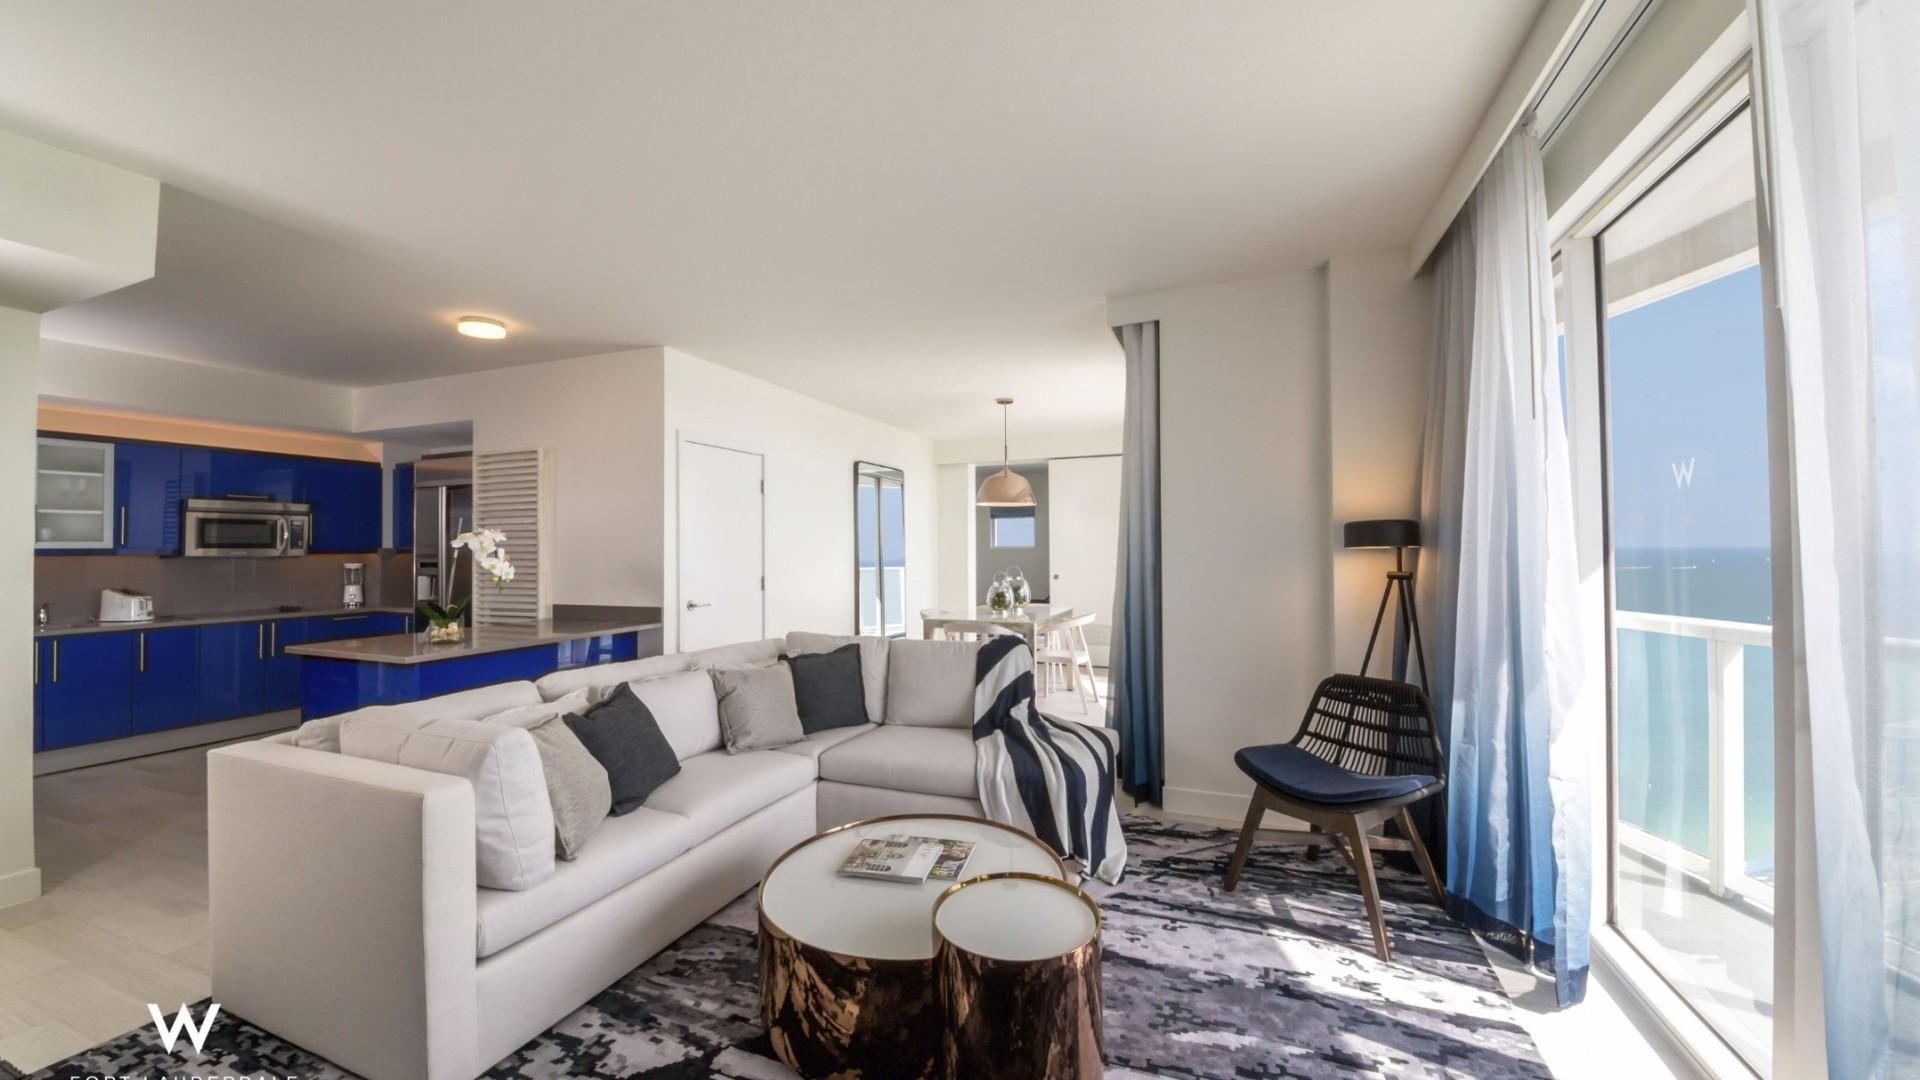 Apartamento en venta en Dubai, EAU, 3 dormitorios, 324 m2, № 24266 – foto 1